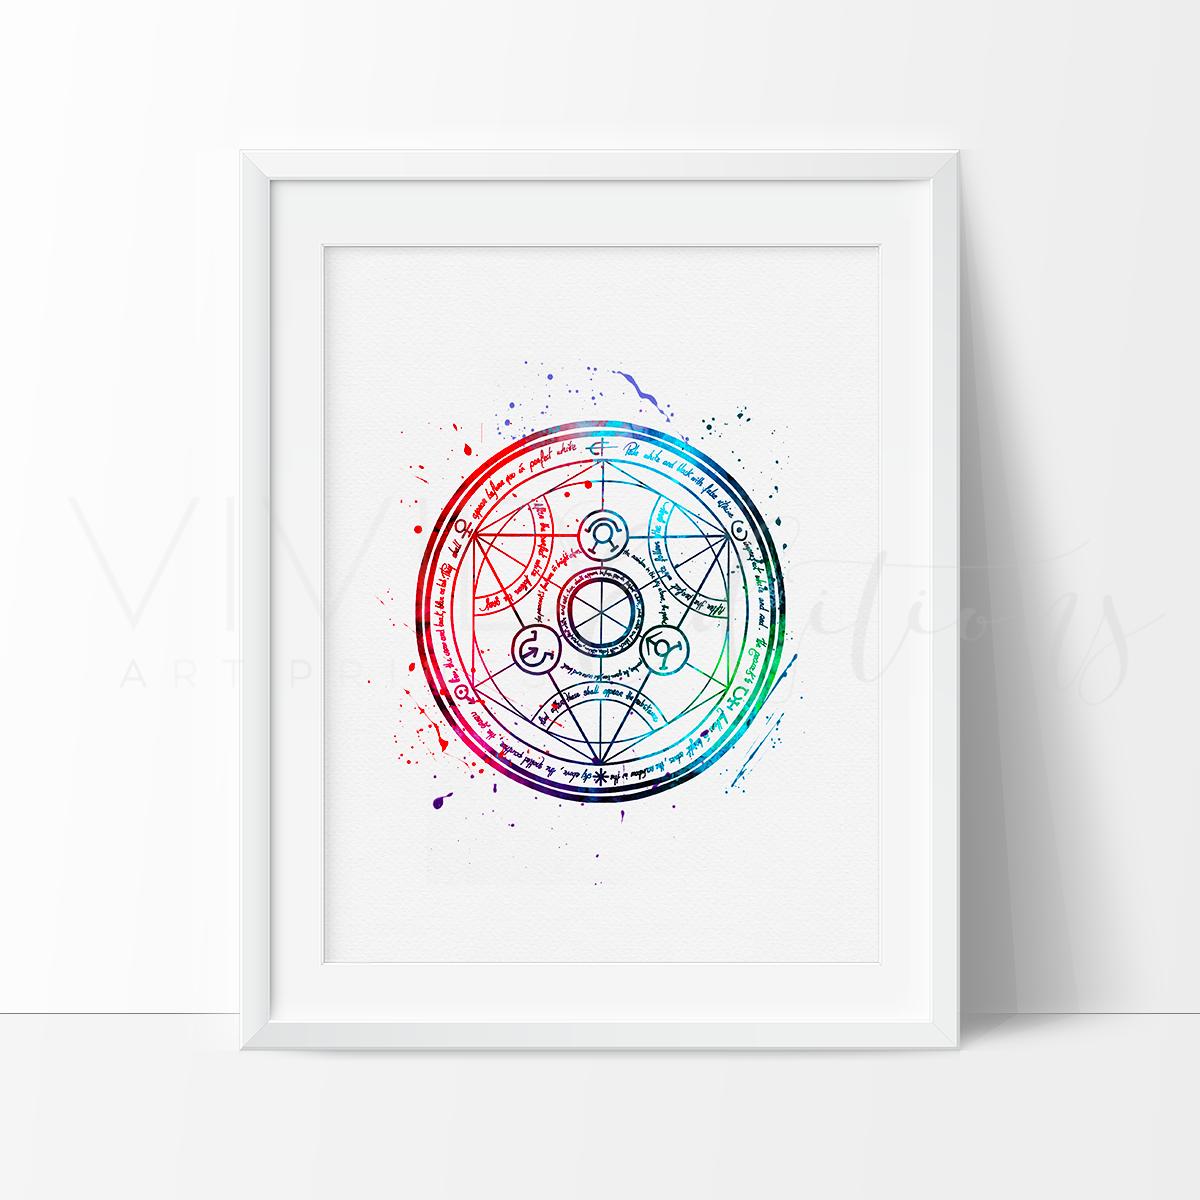 Fullmetal Alchemist Transmutation Circle Watercolor Art Print Fullmetal Alchemist Alchemist Transmutation Circle